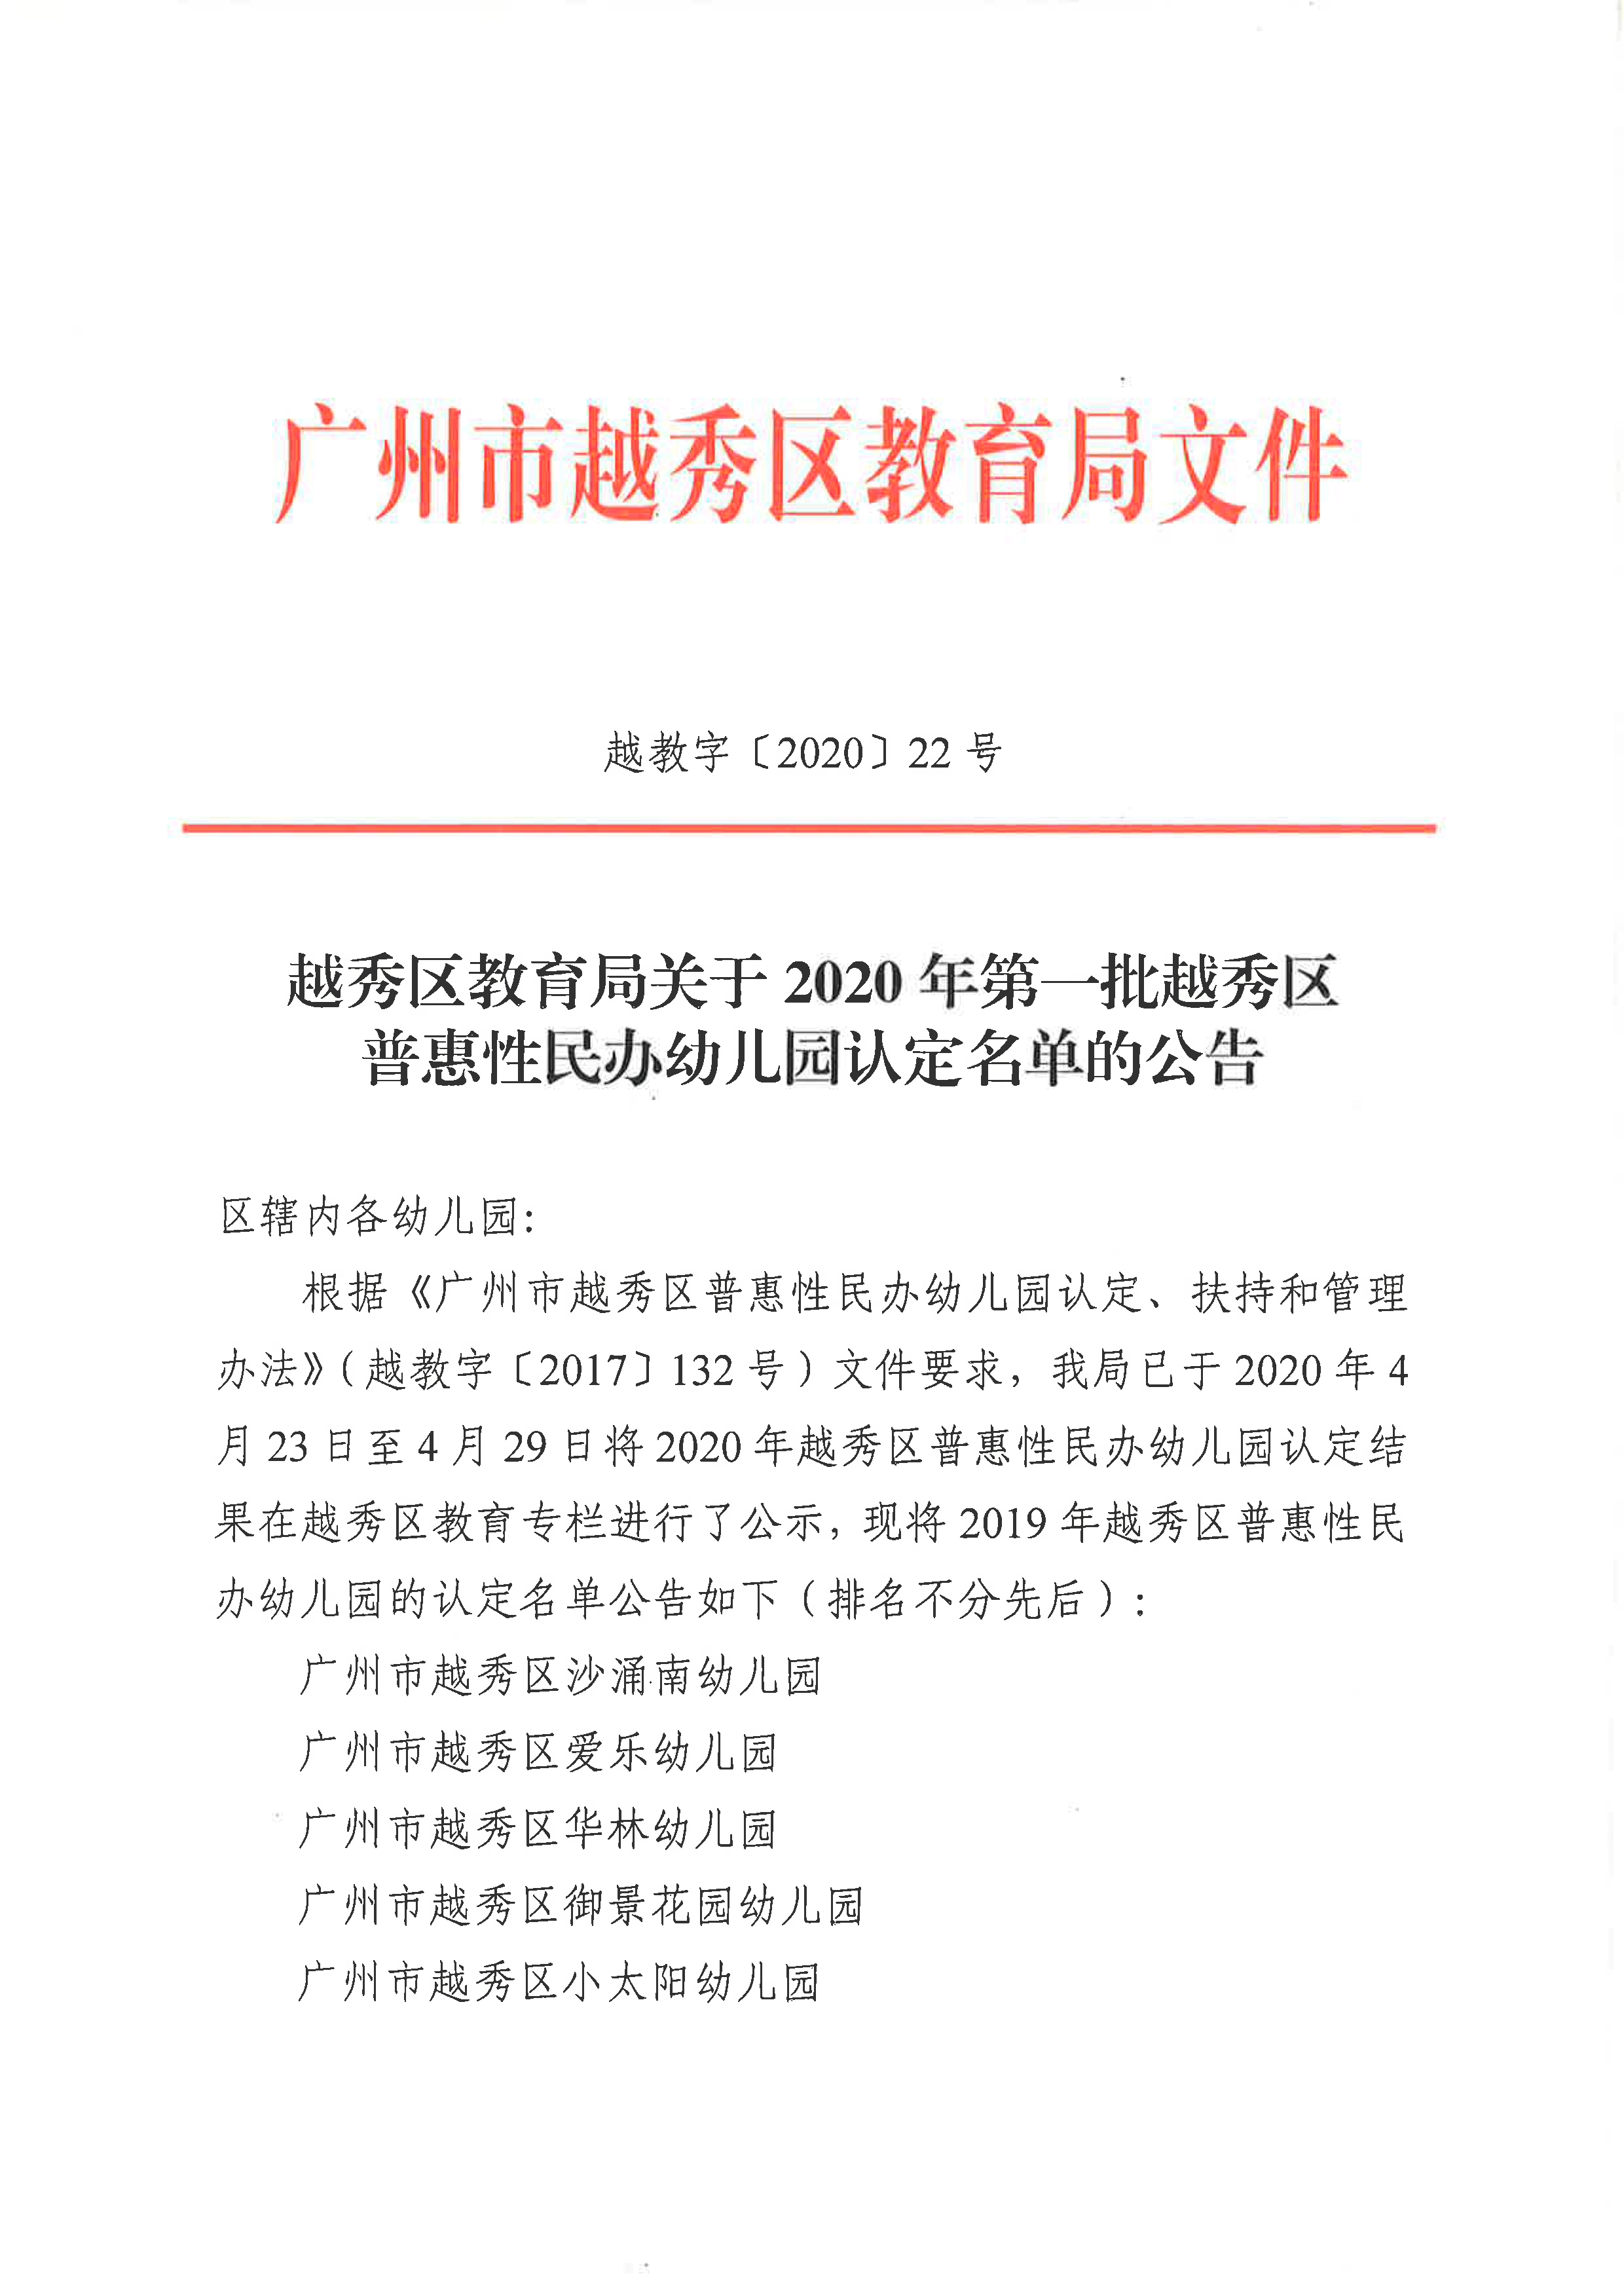 062410381124_0越秀区普惠性民办幼儿园认定名单_1.Jpeg